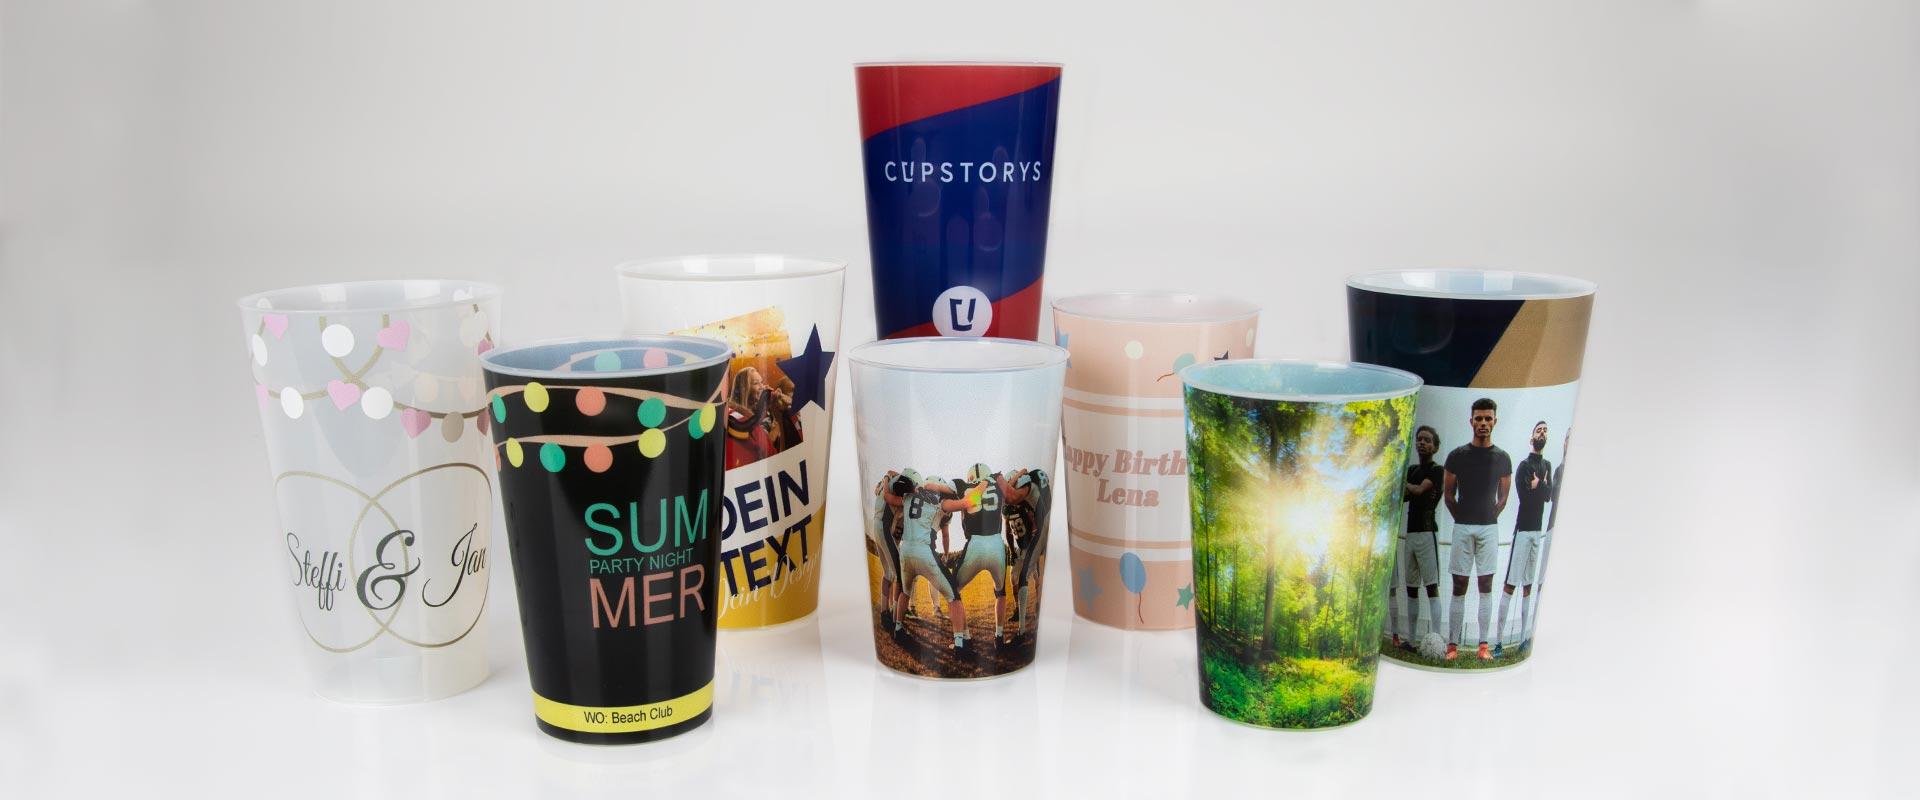 Nachhaltig feiern mit Eventbechern von cupstorys.com